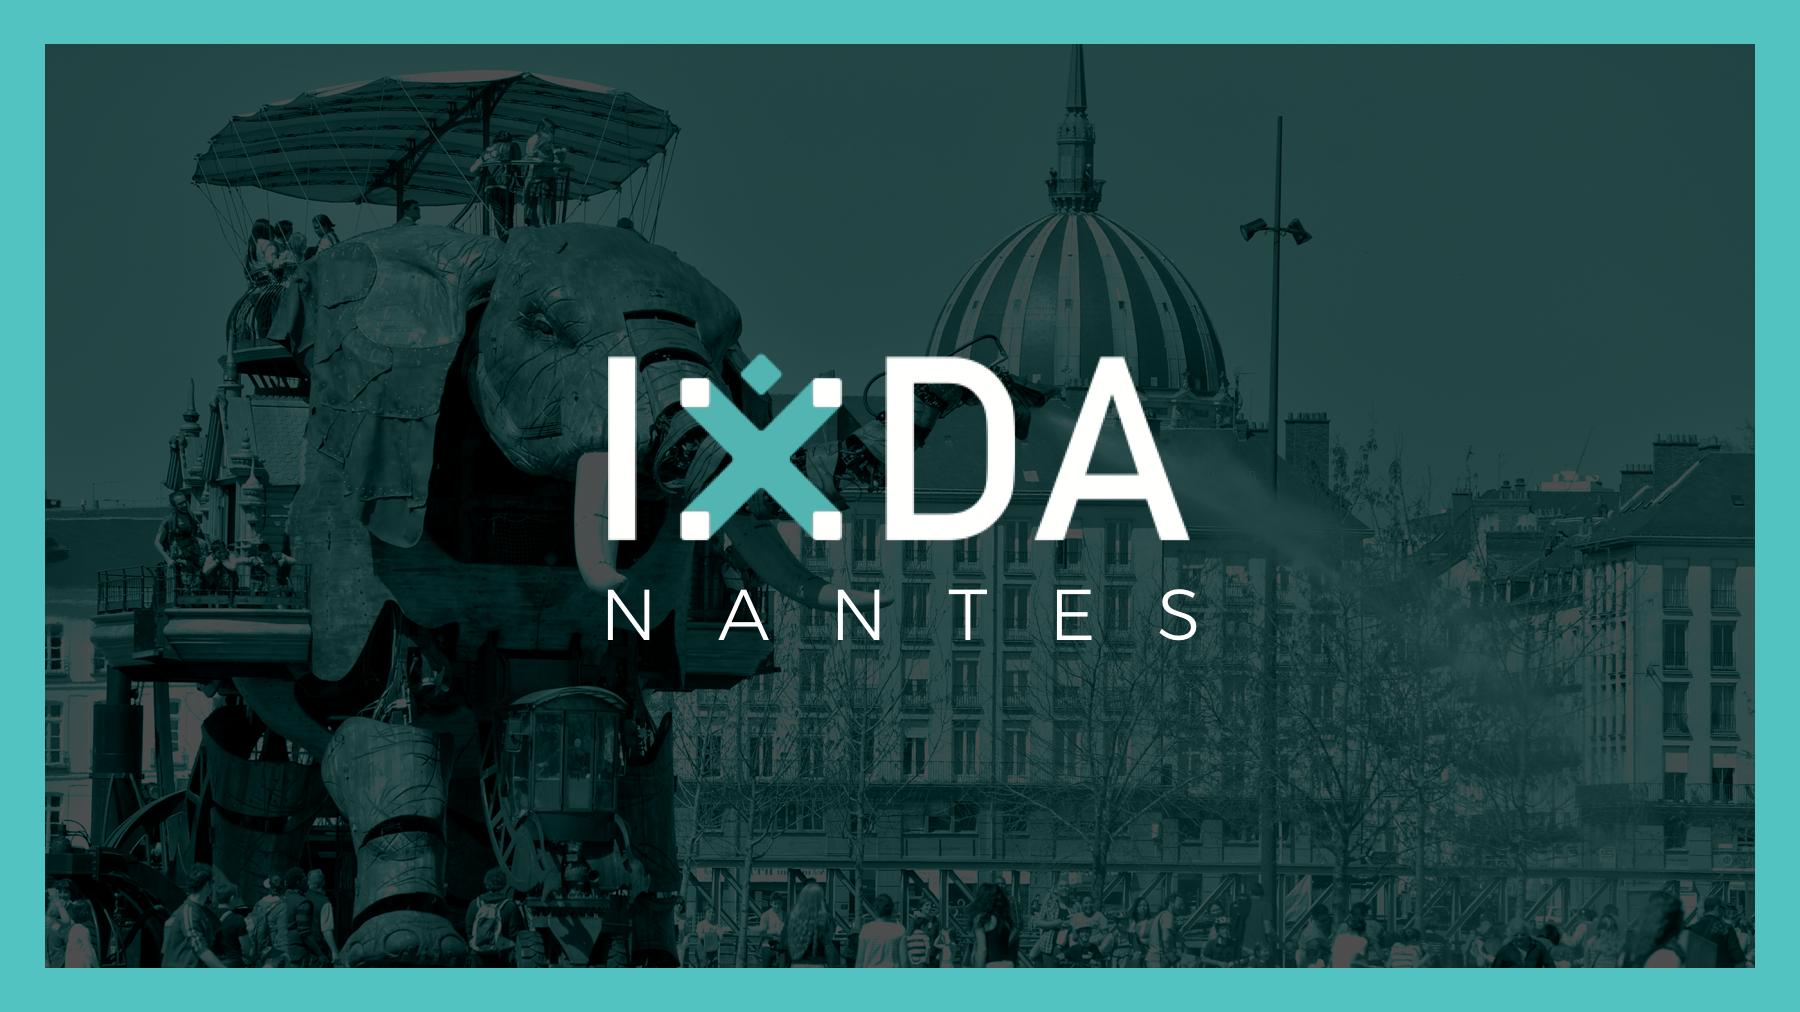 IxDA Nantes